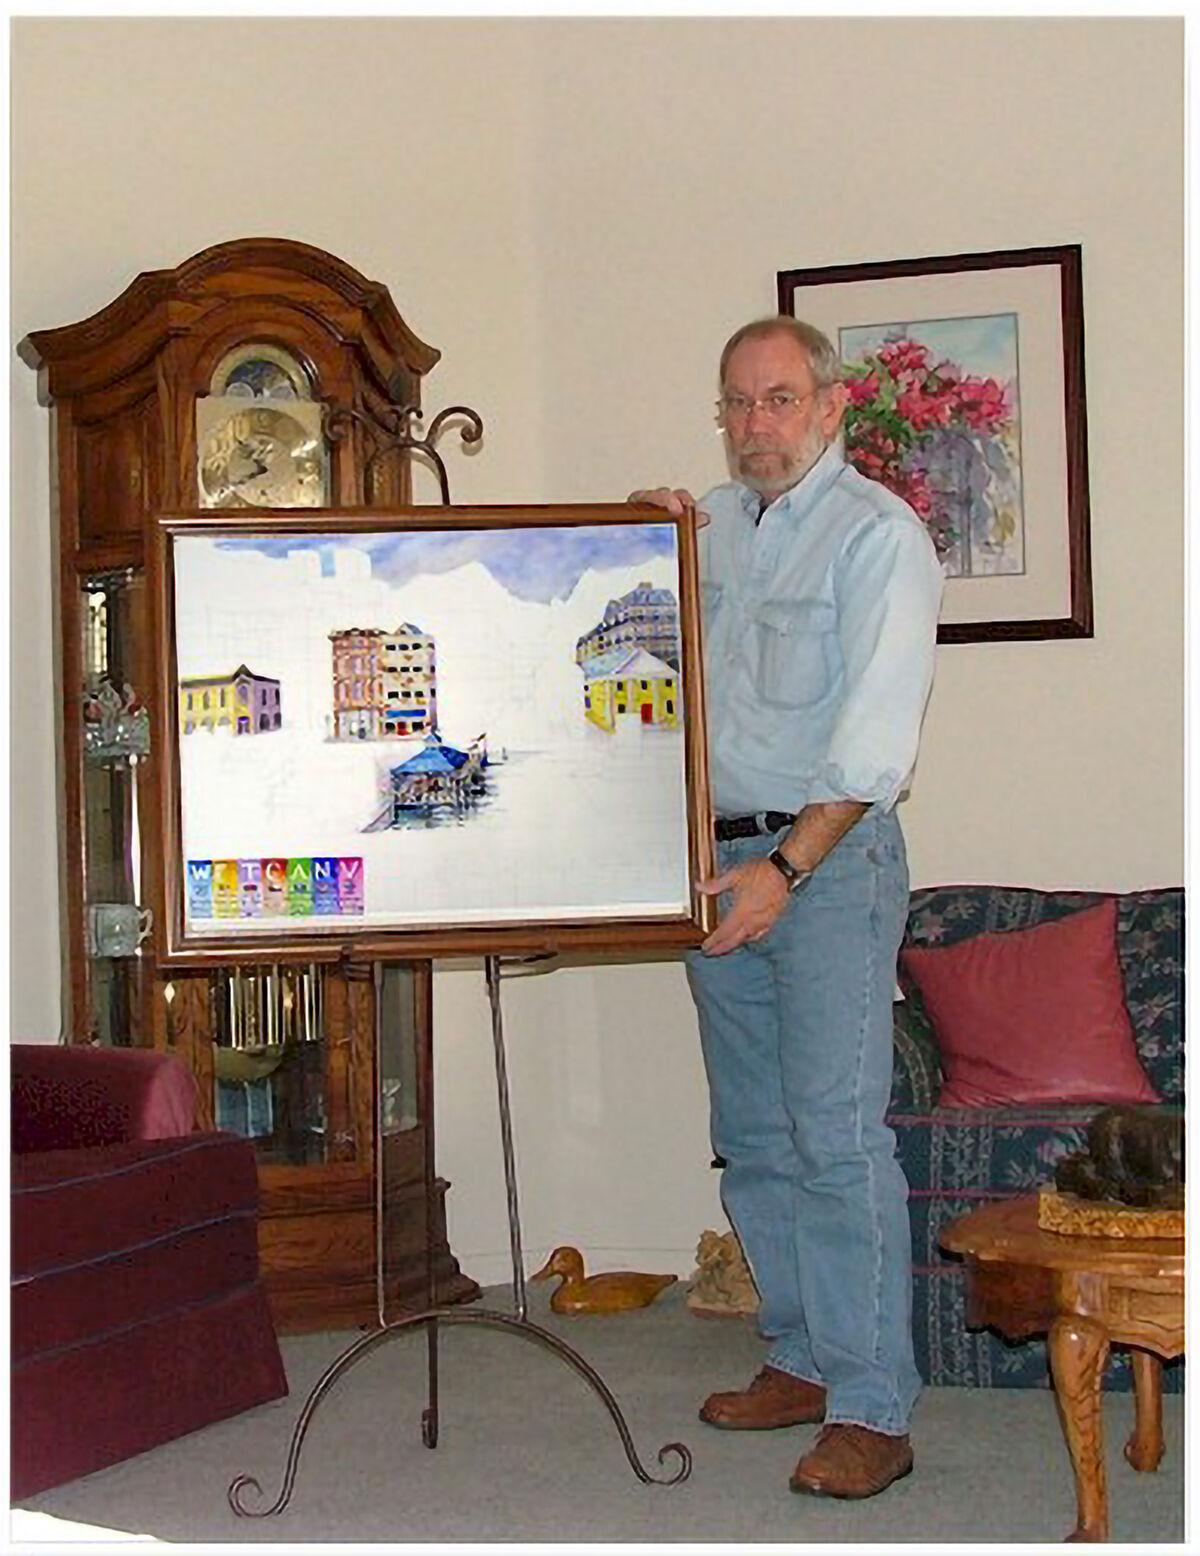 Los miembros de WetCanvas de todo el mundo posan con una pintura colaborativa que presenta escenas arquitectónicas de diferentes países representados en la comunidad en línea, c.  2004. Cortesía de Scott Burkett.